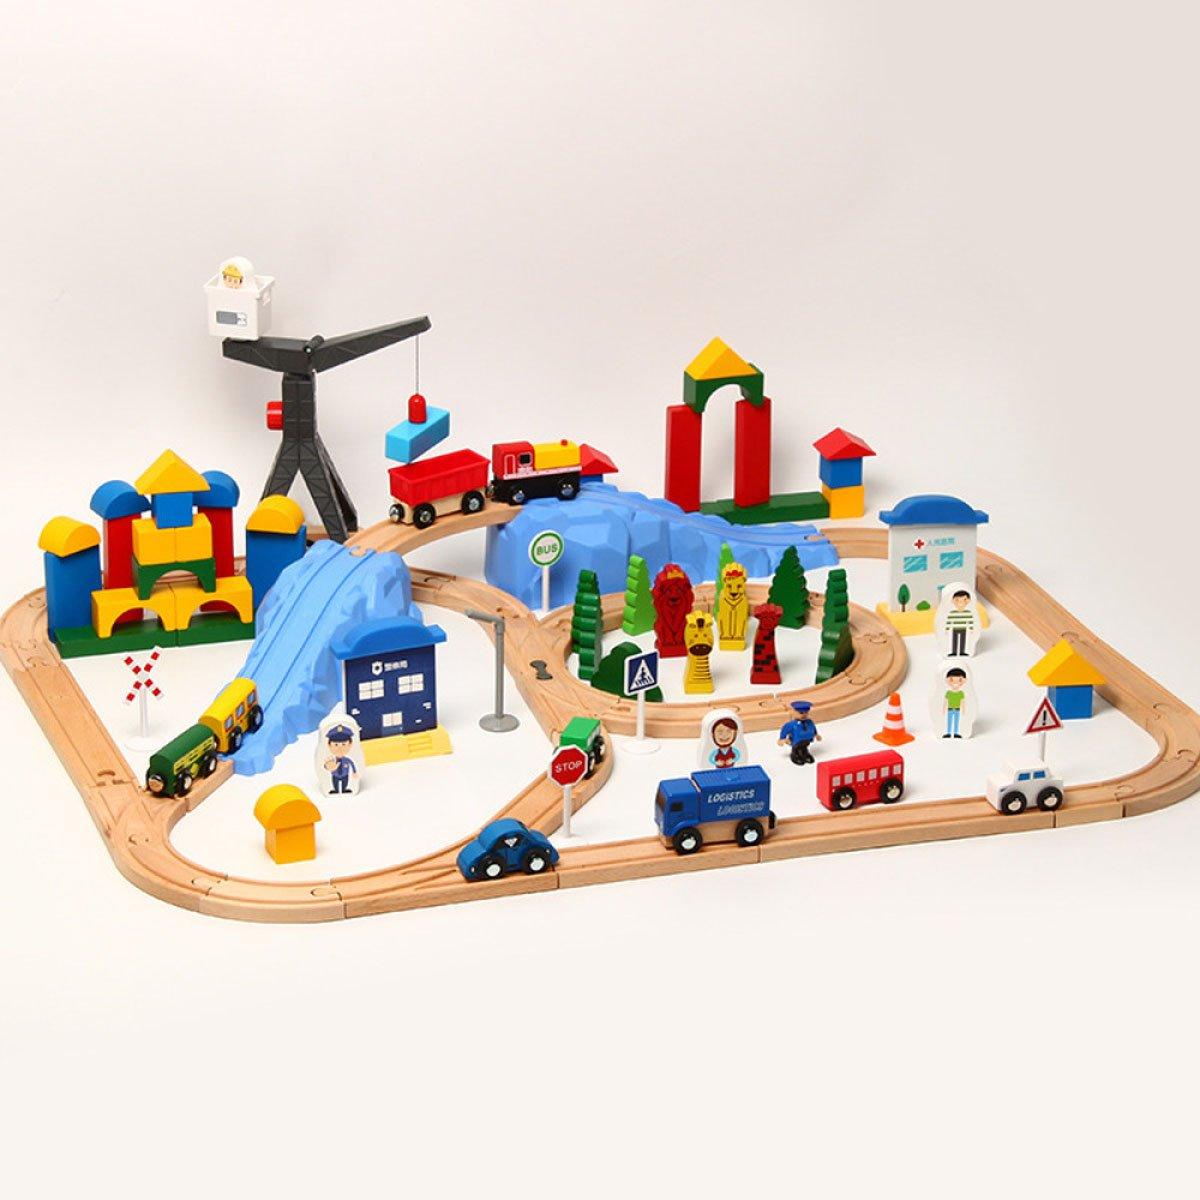 precios ultra bajos WERTY MEI Juguetes para niños Juguetes Juguetes Juguetes de playa Rompecabezas Juguetes educativos vagones de tren 123 piezas de vagones de riel Regalos de cumpleaños para niños  caliente